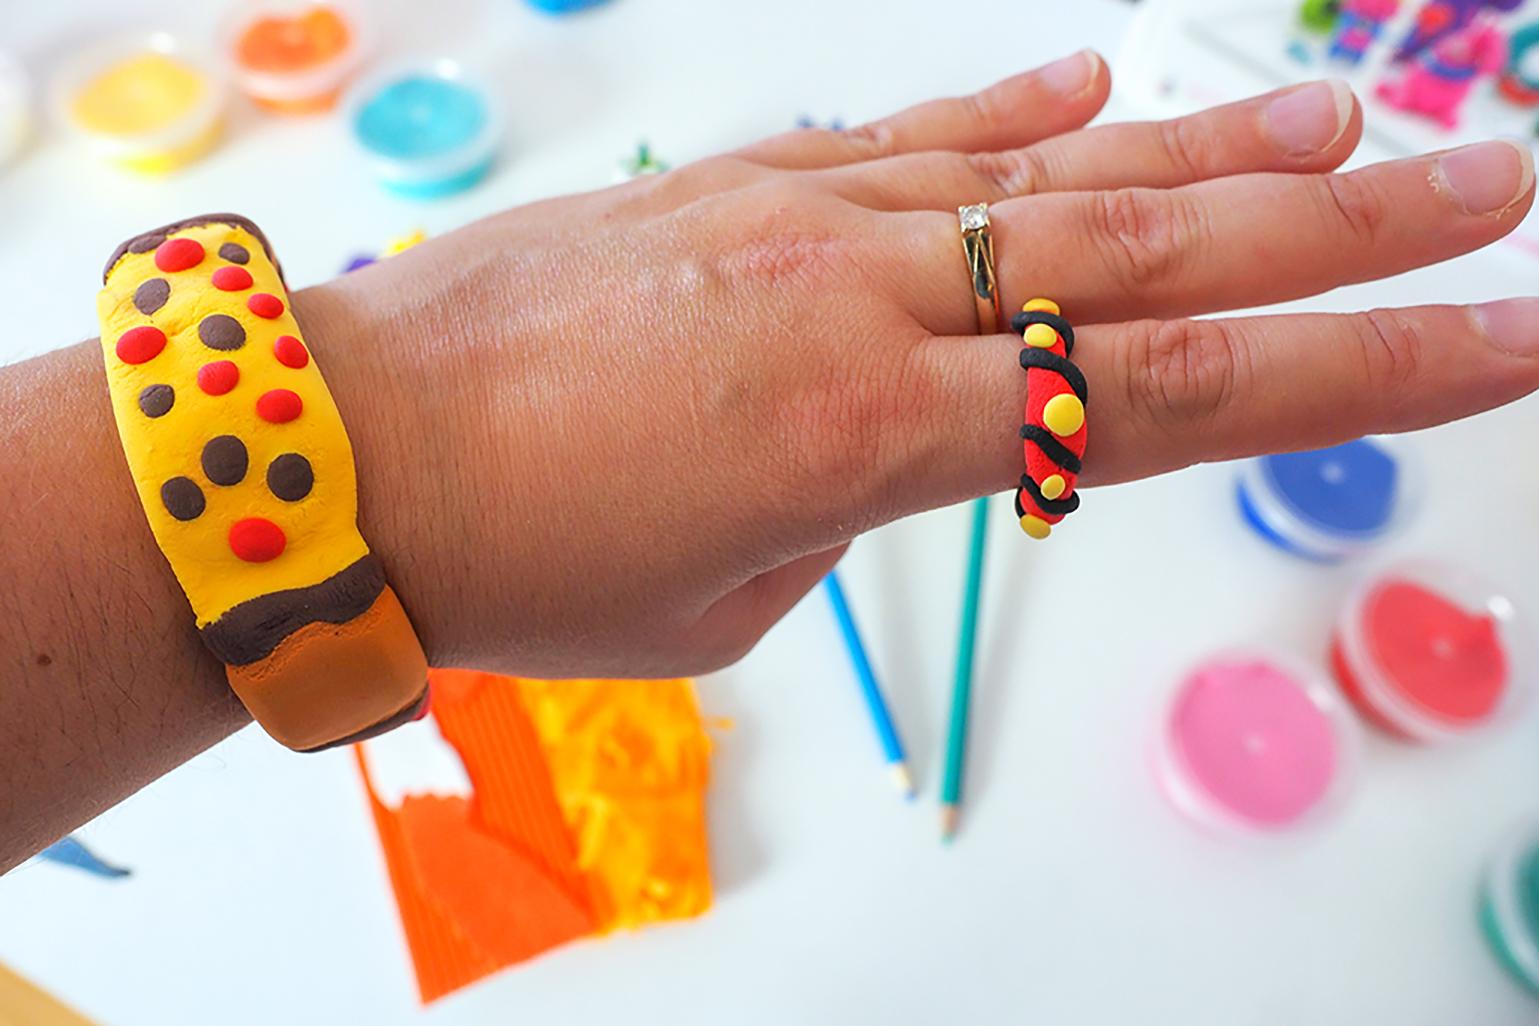 bransoletka i pierścionek pokazane na dłoni, wykonane z samoutwardzalnej masy hey clay.